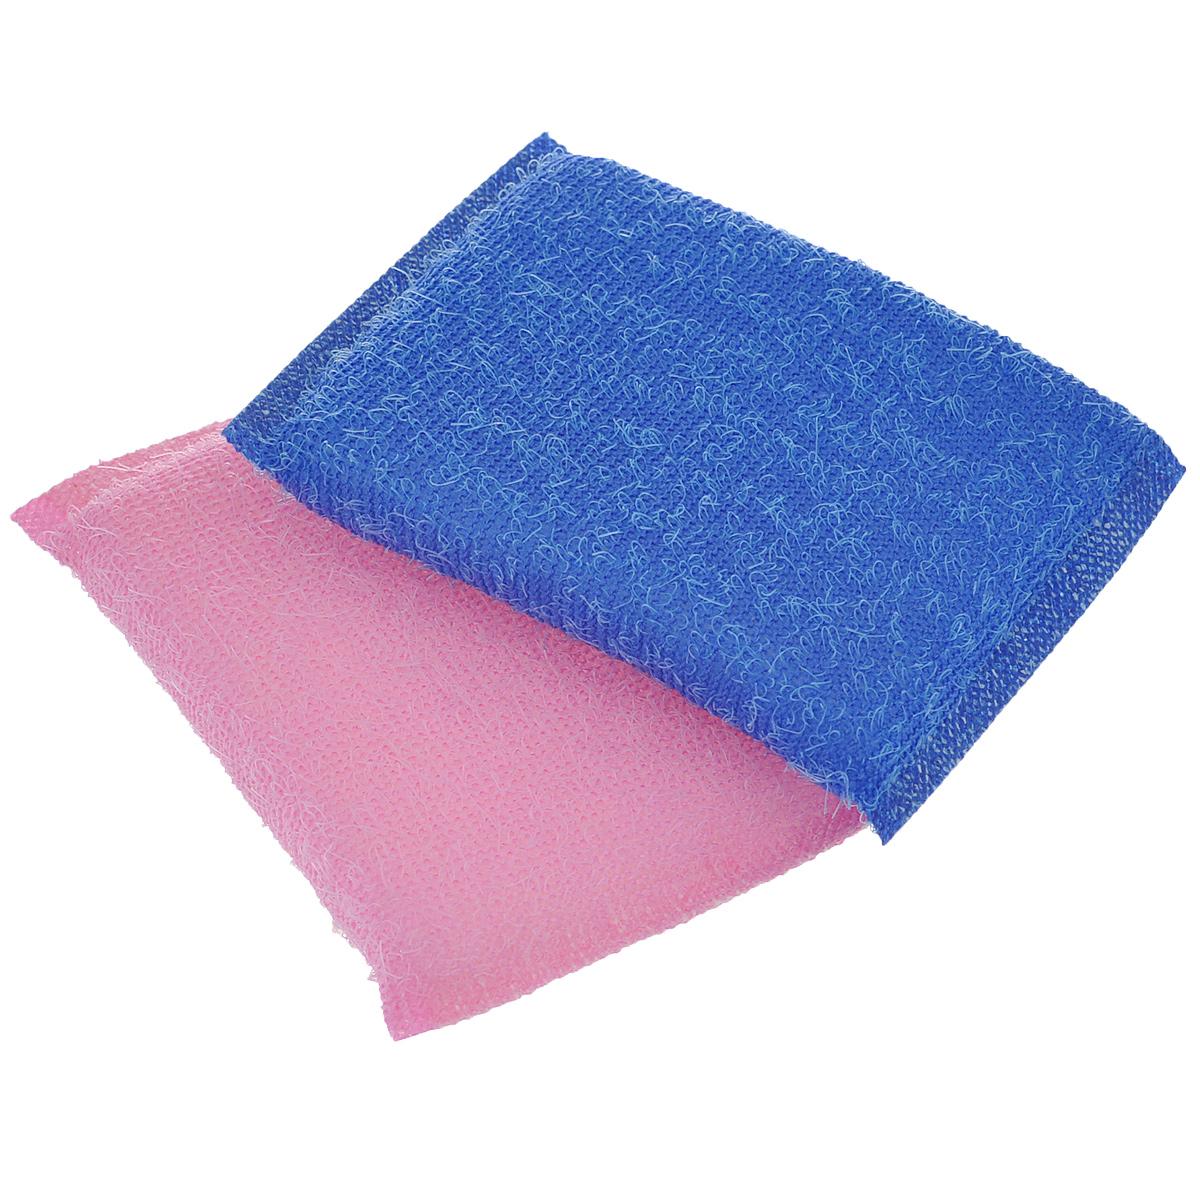 Губка для мытья посуды Хозяюшка Мила Кактус, цвет: розовый, синий, 2 шт01008-100Набор Хозяюшка Мила Кактус состоит из 2 губок, изготовленных из поролона. Онипредназначены для интенсивной чистки и удаления сильных загрязнений с посуды (противни,решетки-гриль, кастрюли). Не рекомендуется использовать для посуды с антипригарным покрытием.Губки сохраняют чистоту и свежесть даже после многократного применения, а их эргономичнаяформа удобна для руки. Размер губки: 12 х 2 х 8 см.